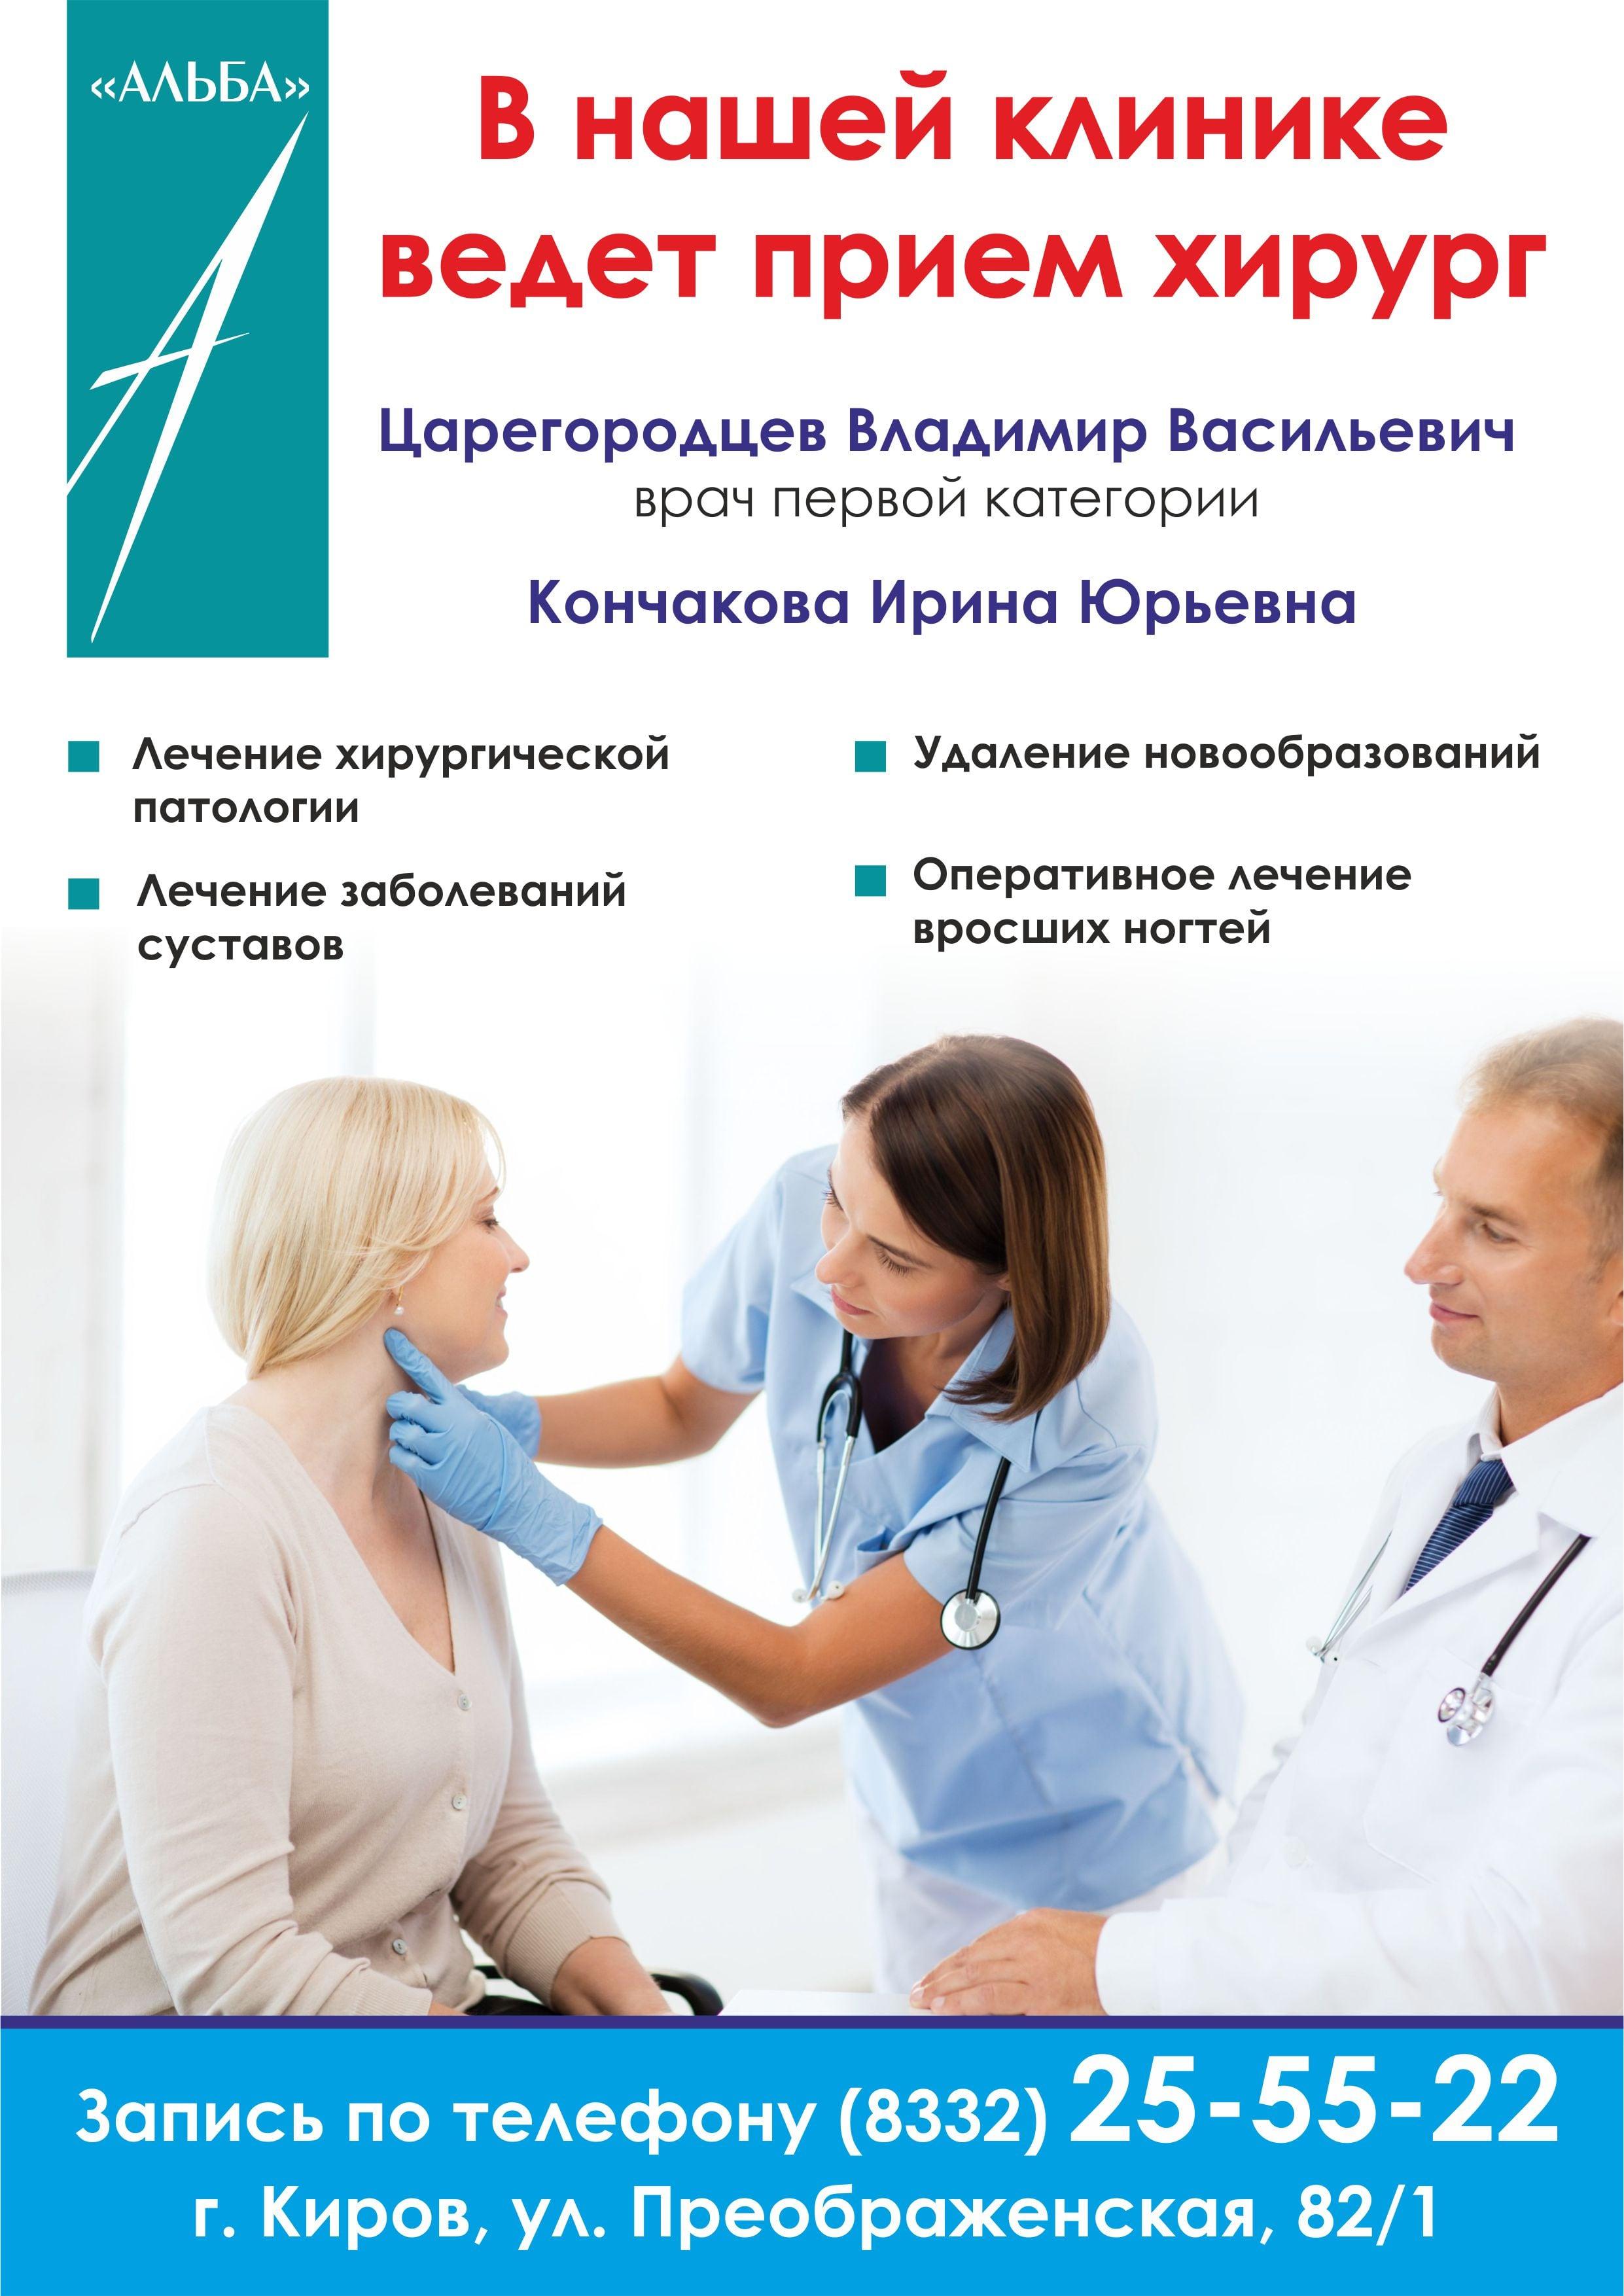 Хирург_